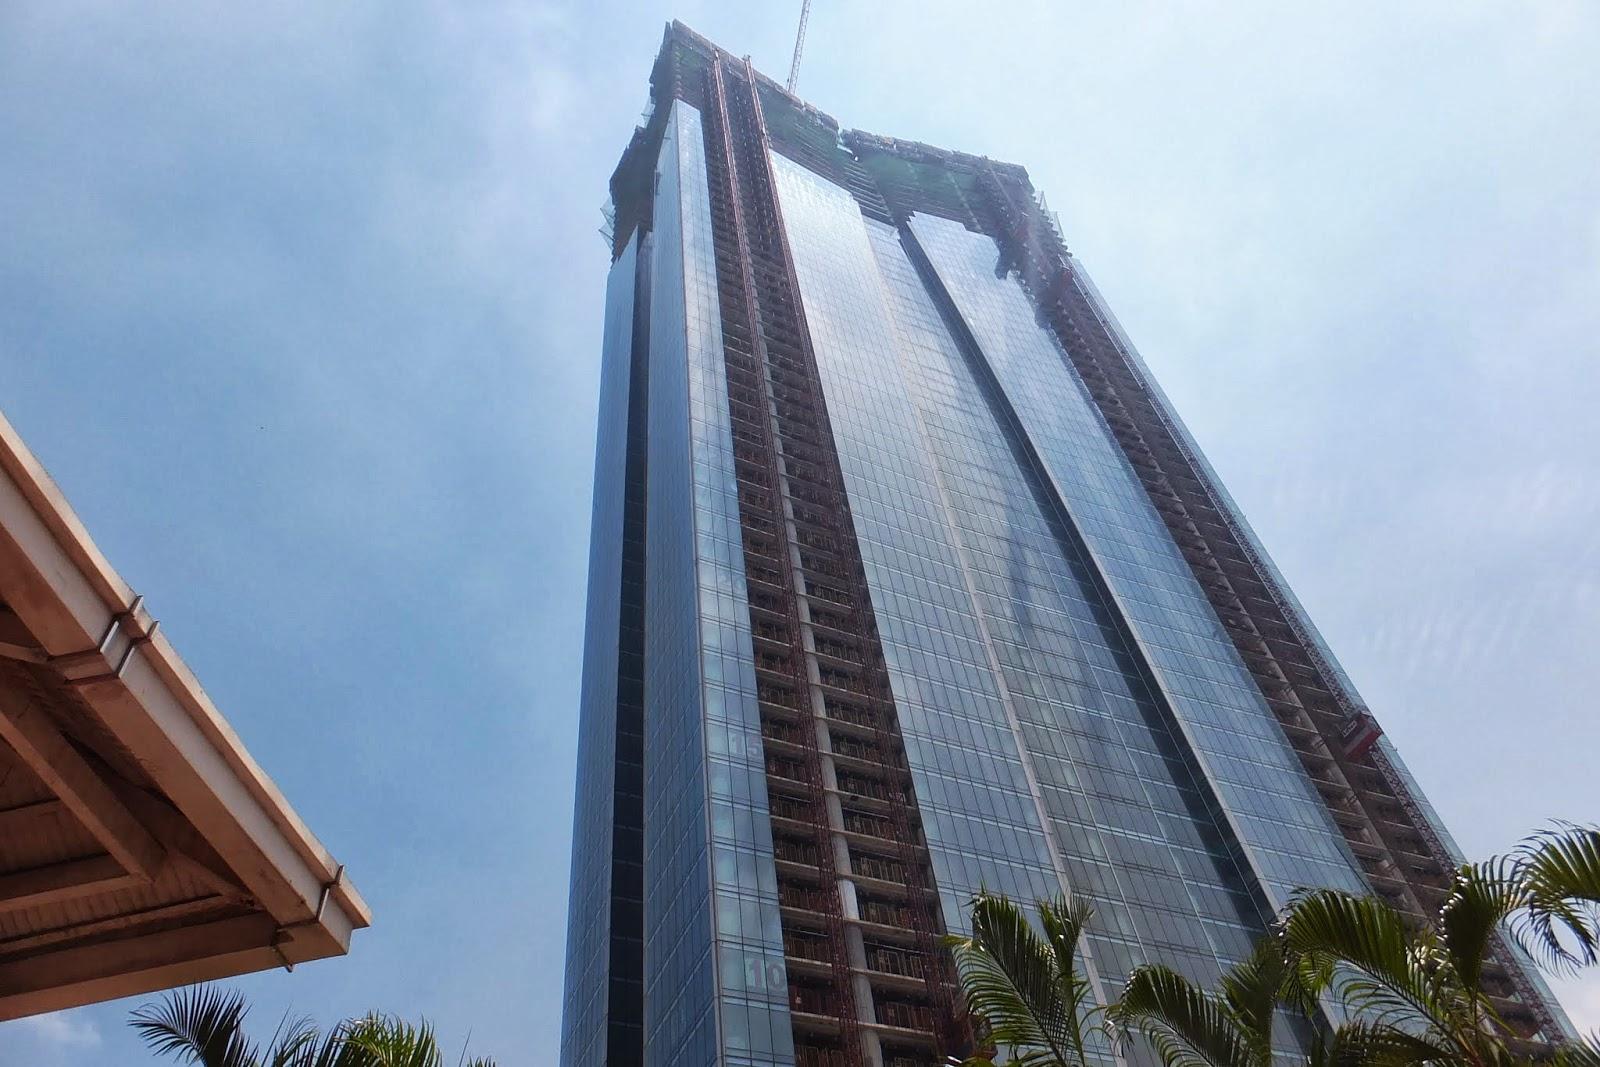 lotte-tower-hanoi-underconstraction 建設中のロッテタワー